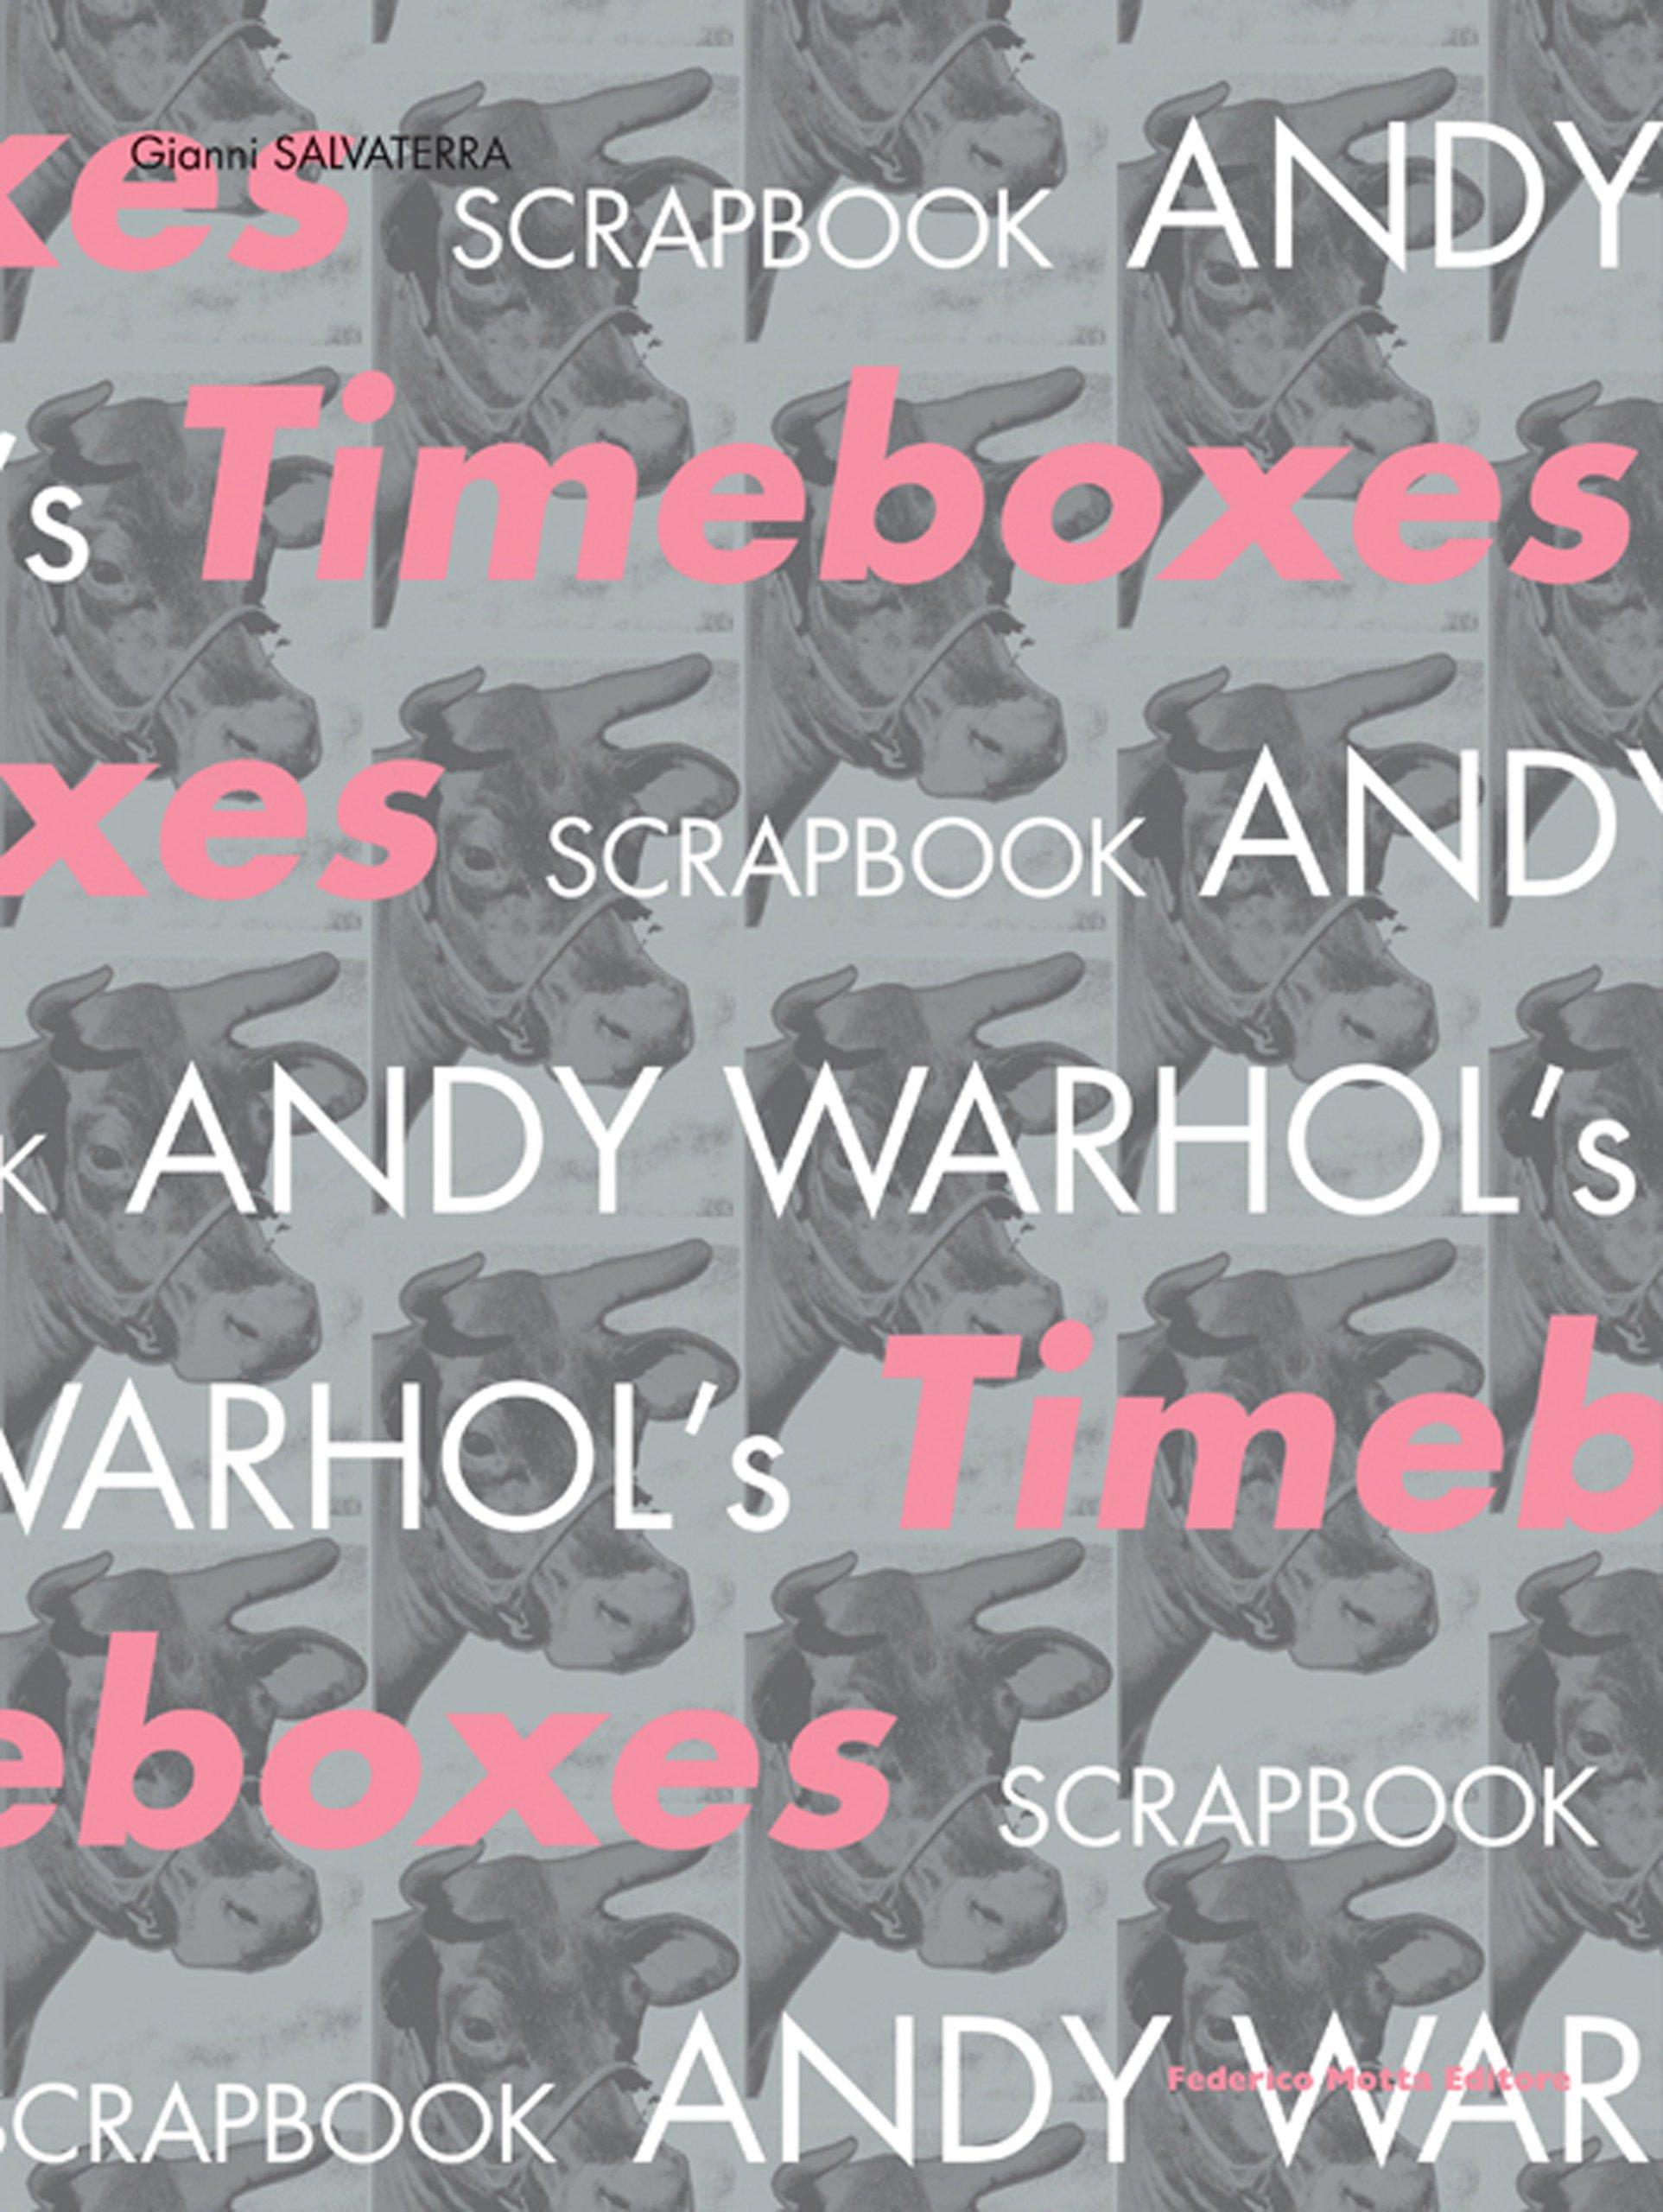 Andy Warhol's timeboxes. Catalogo della mostra (Trieste, 22 luglio-22 ottobre 2006). Ediz. italiana e inglese (Inglese) Copertina flessibile – 27 lug 2006 Gianni Salvaterra 24 Ore Cultura 8871795318 ARTI